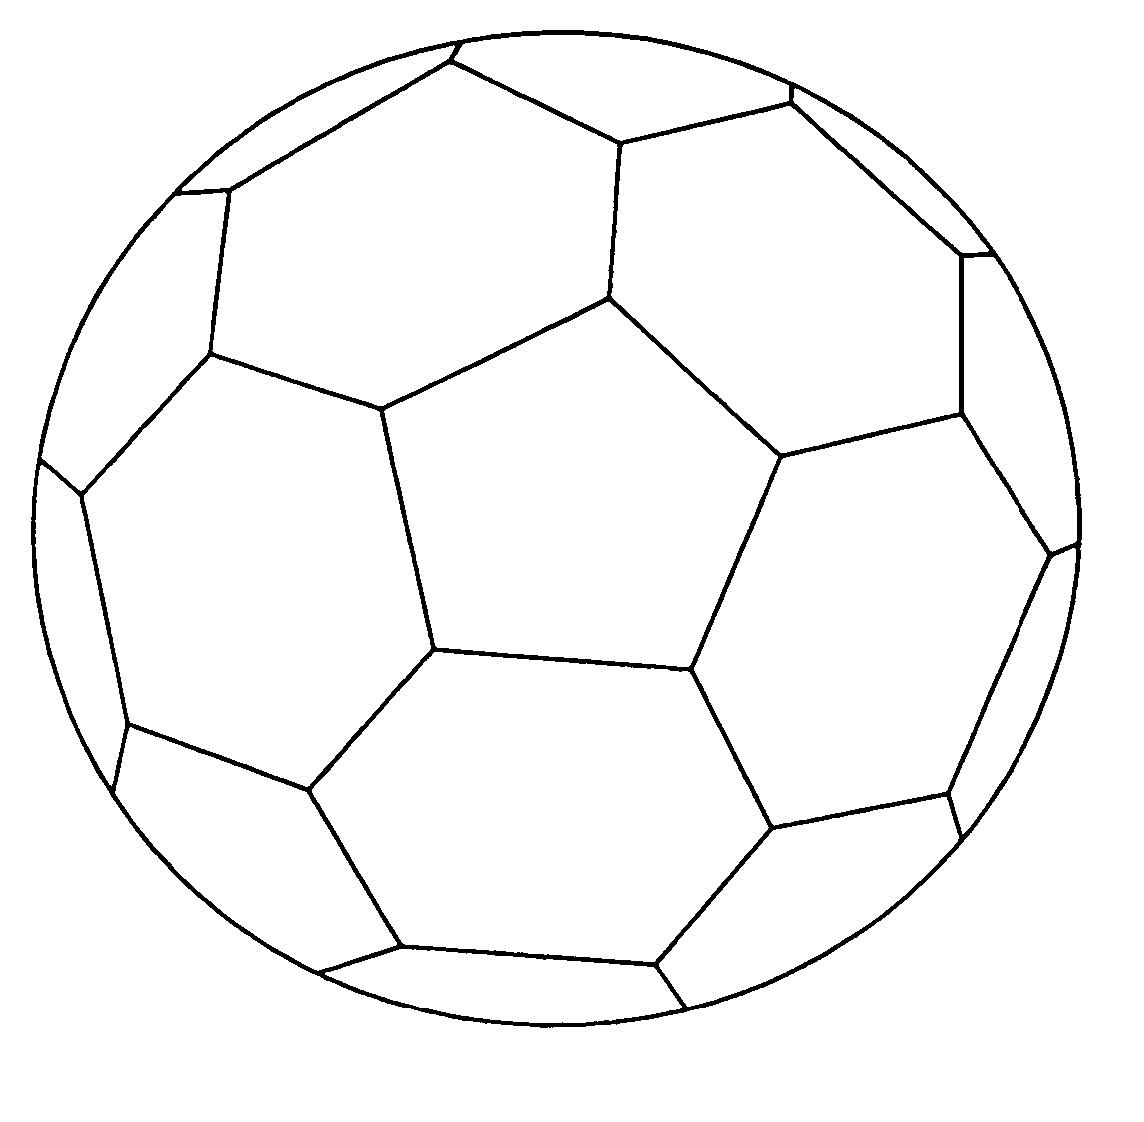 soccer ball coloring book soccer ball coloring page soccer ball soccer football soccer book coloring ball